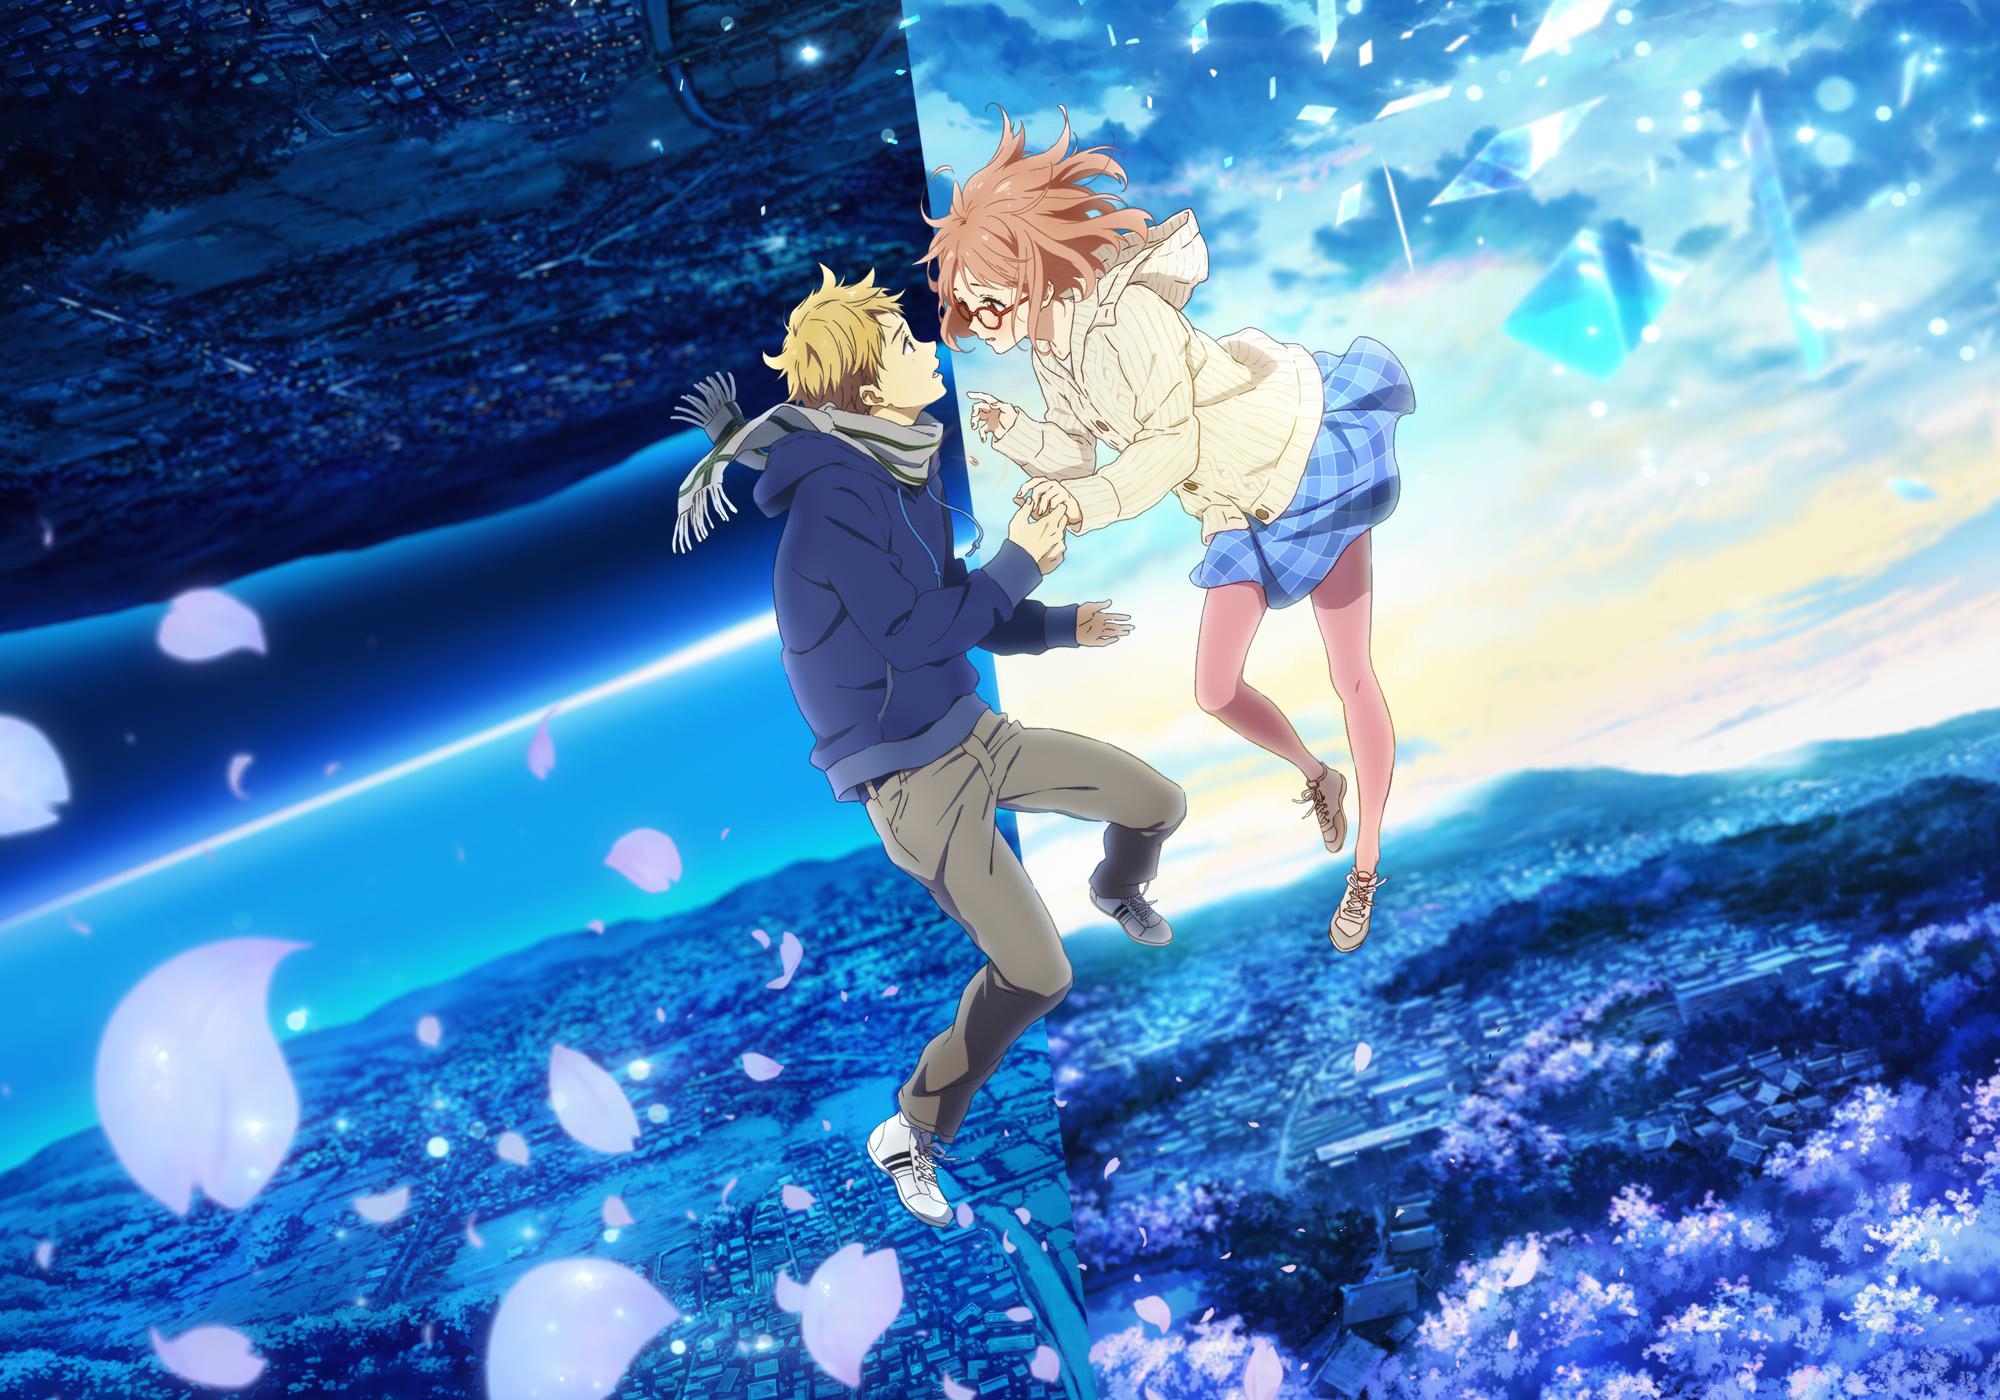 Kyoukai-No-Kanata-Ill-Be-Here_Haruhichan.com-Kyoukai no kanata Visual-02